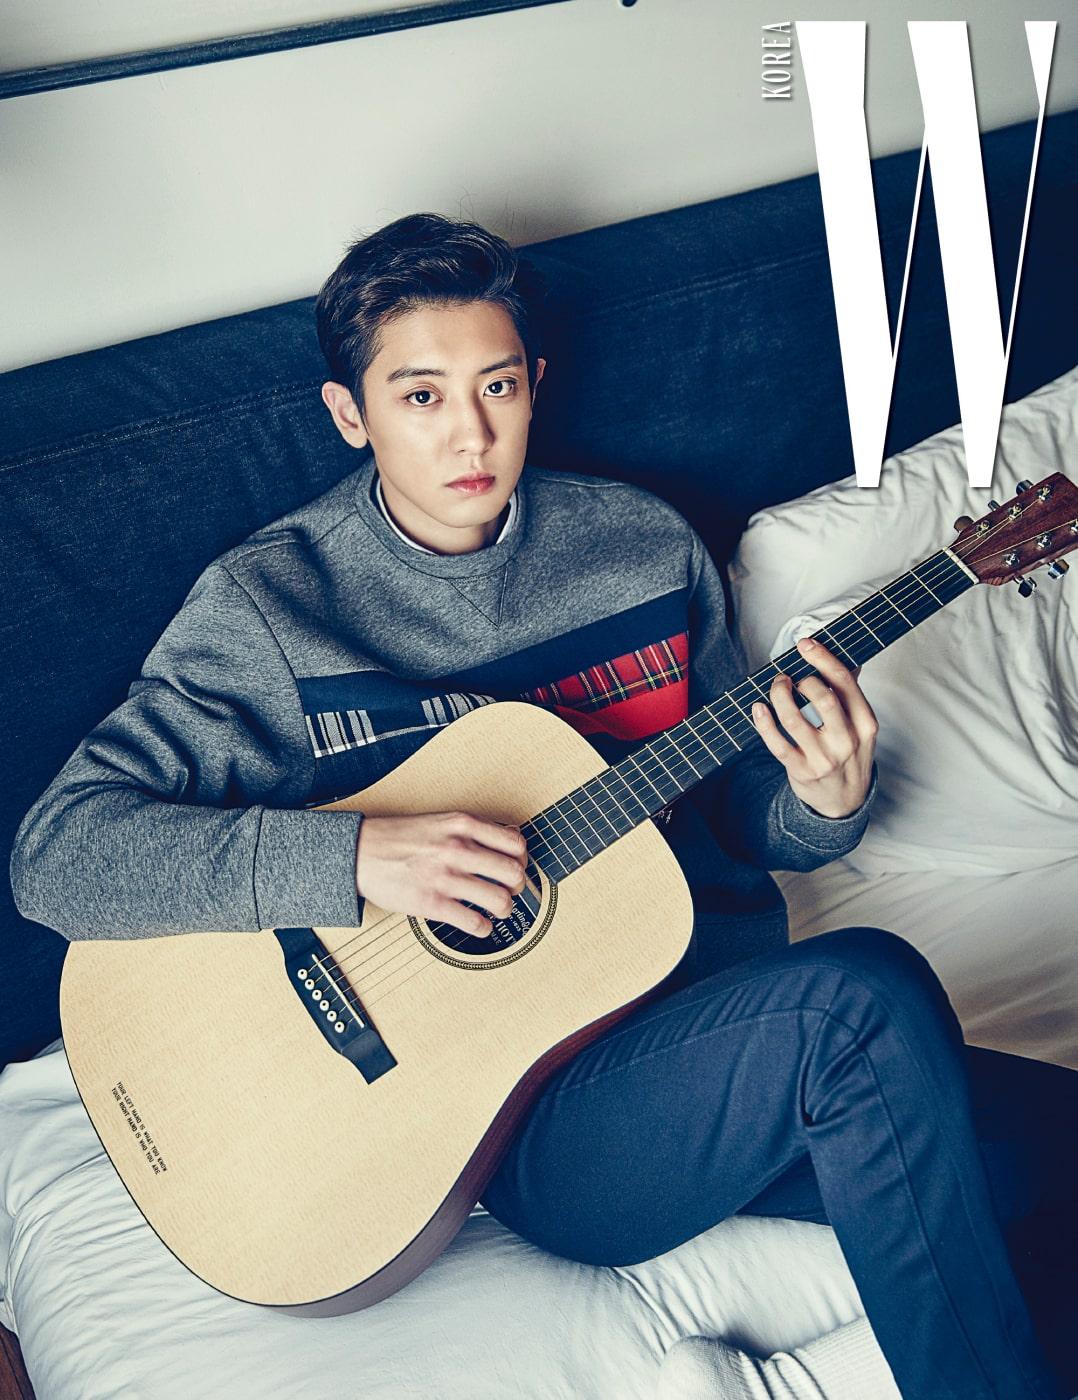 찬열의 방에서는 그가 연주하는 은은한 기타 선율이 흘러 나왔다.